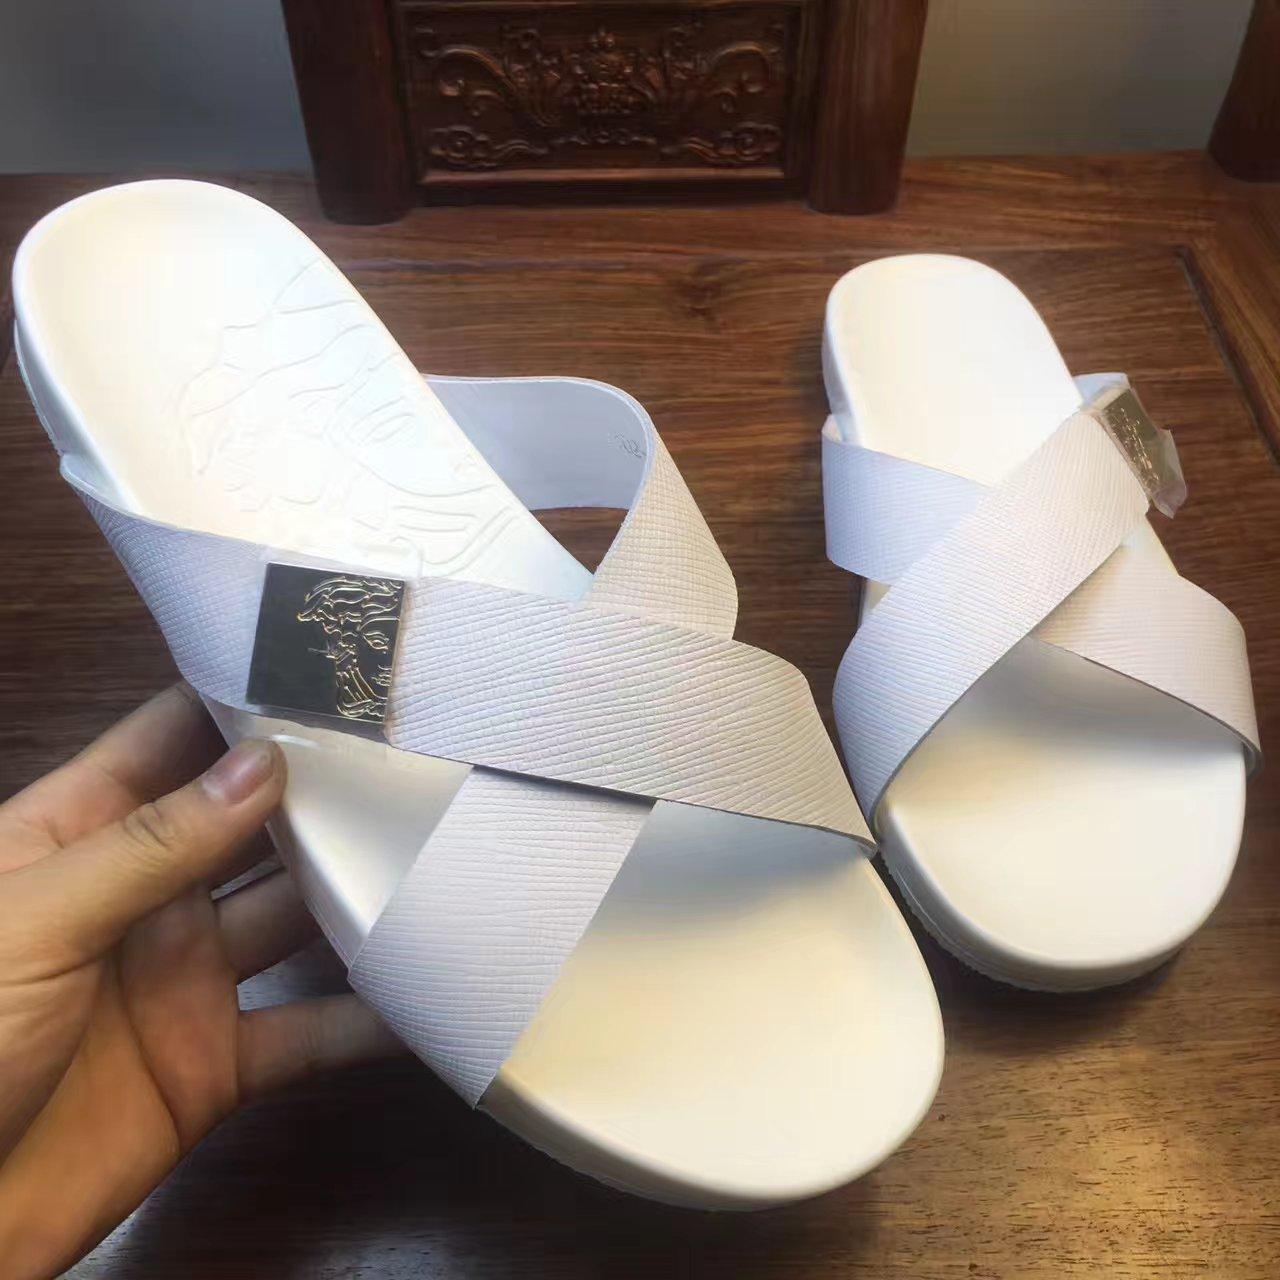 Versace 范思哲拖鞋_Versace拖鞋图片多少钱